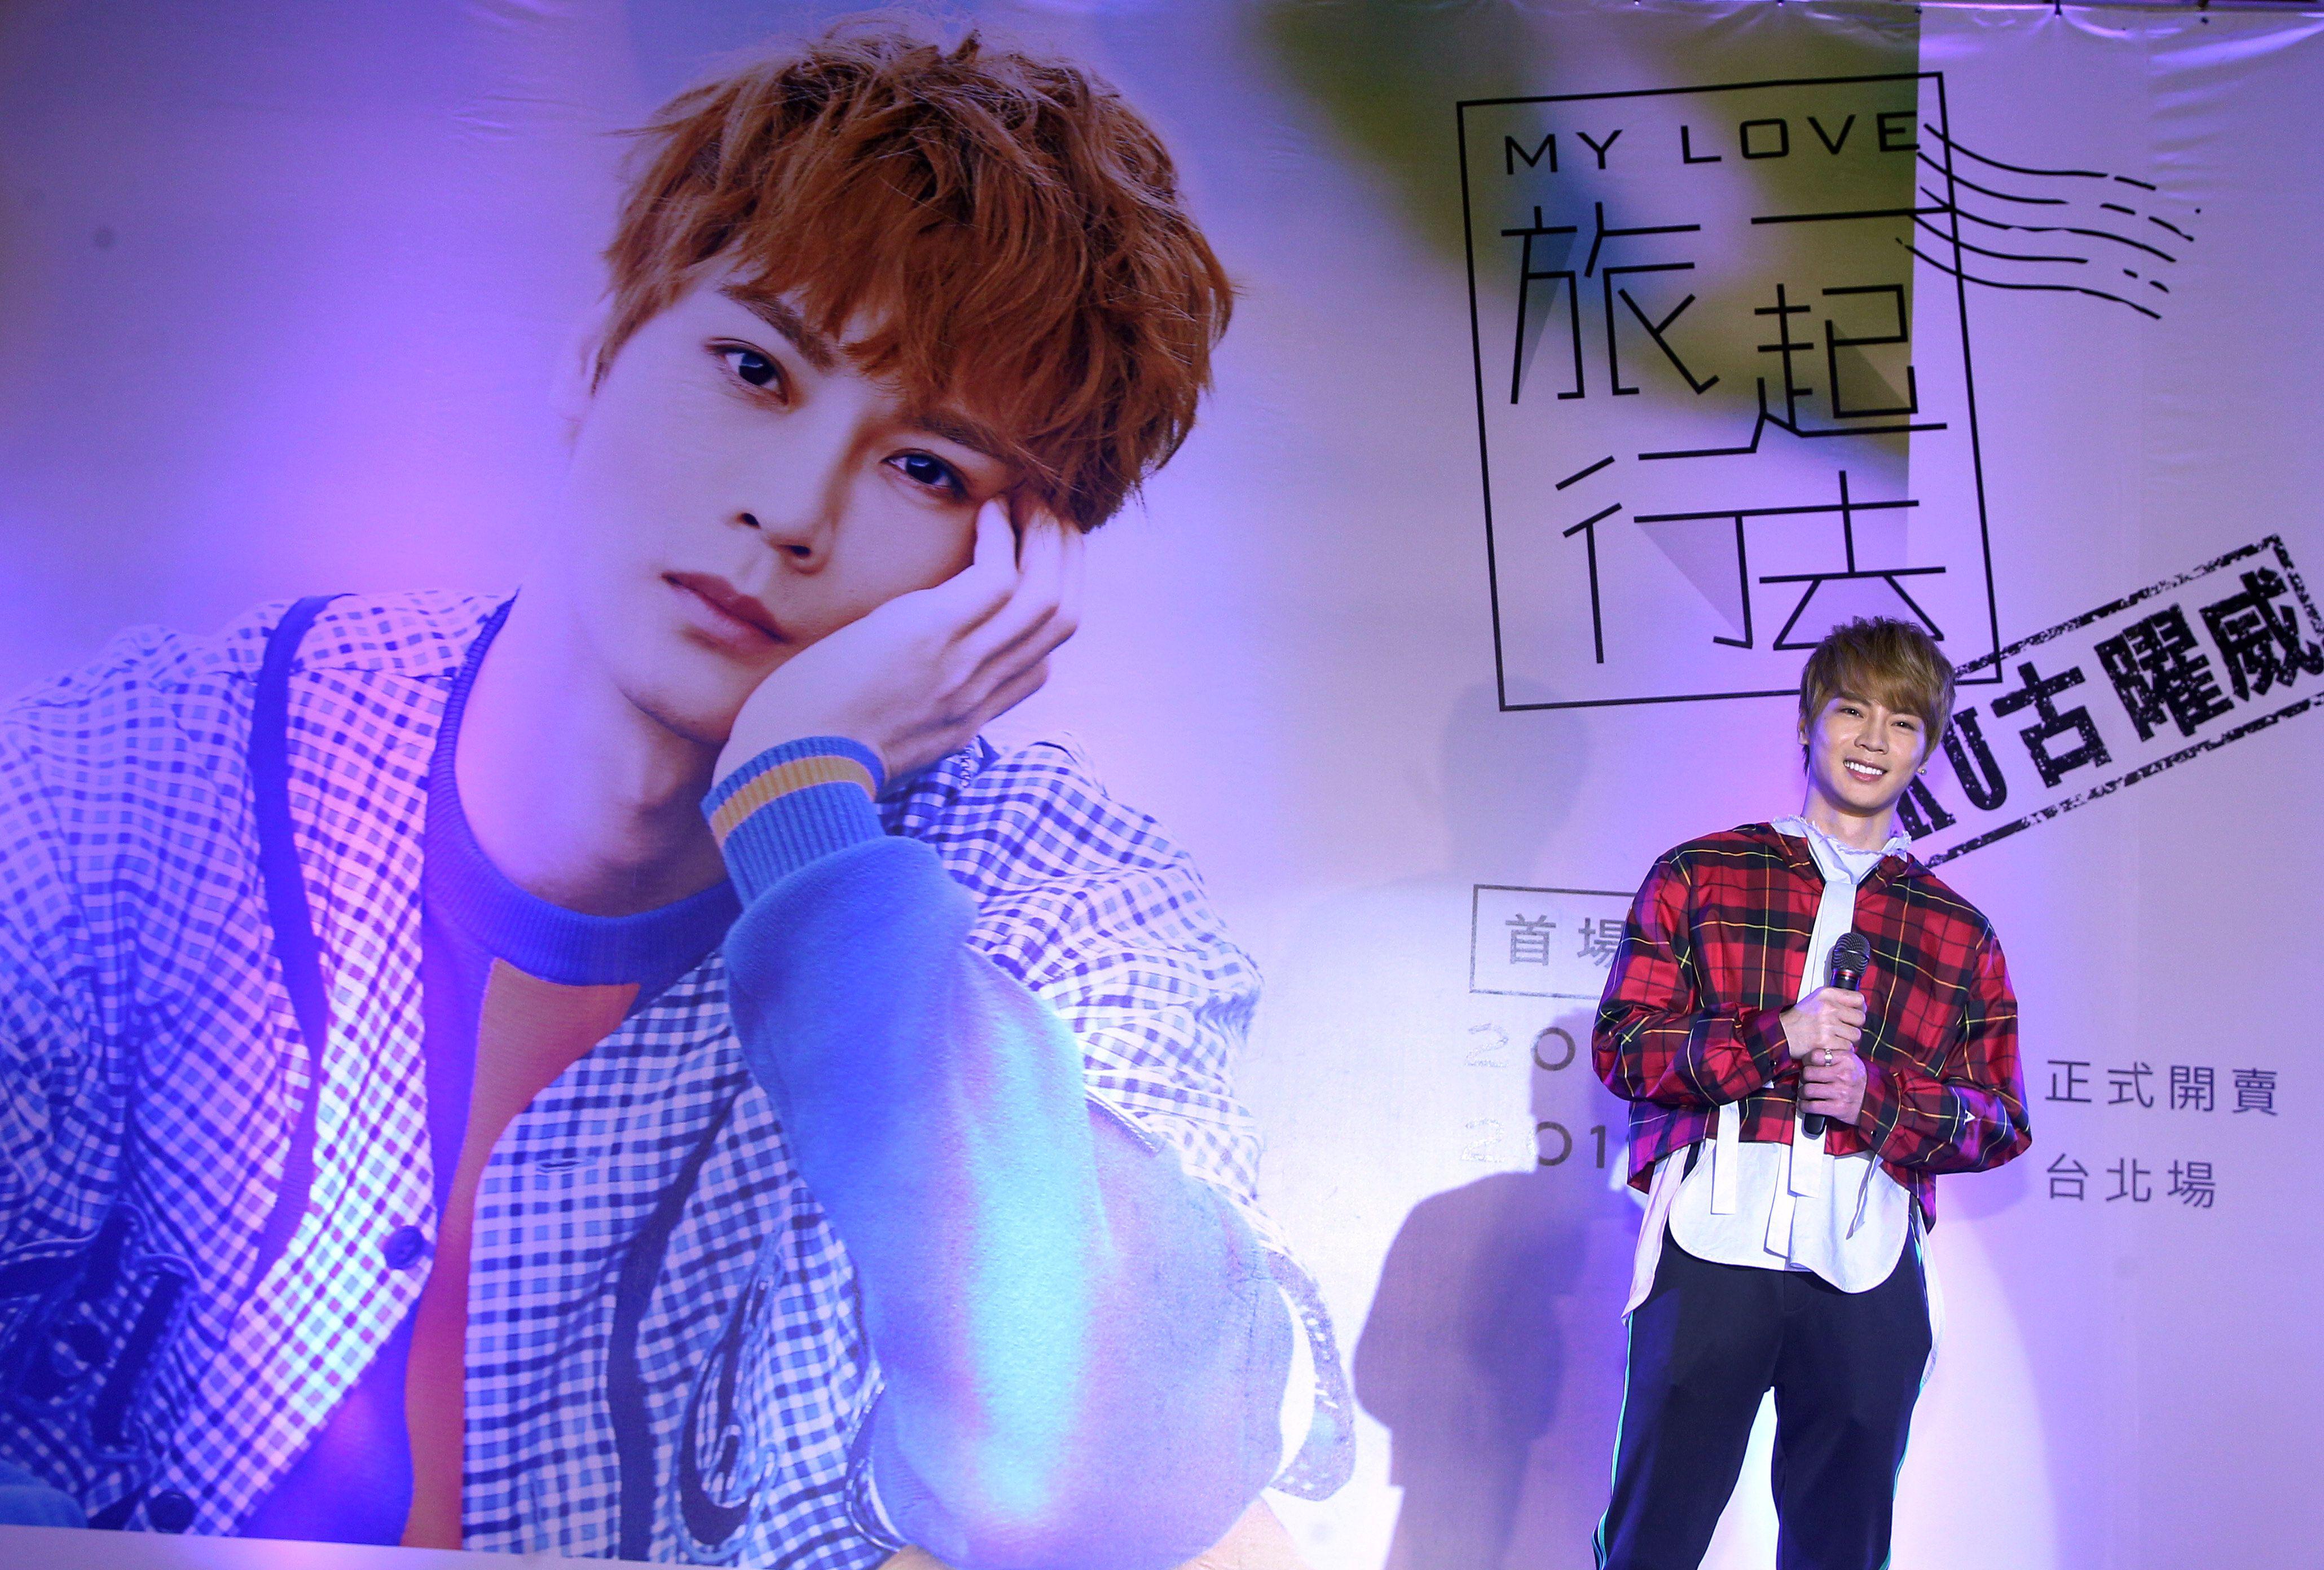 古曜威「MyLove一起去旅行」新歌慶功記者會。(記者邱榮吉/攝影)